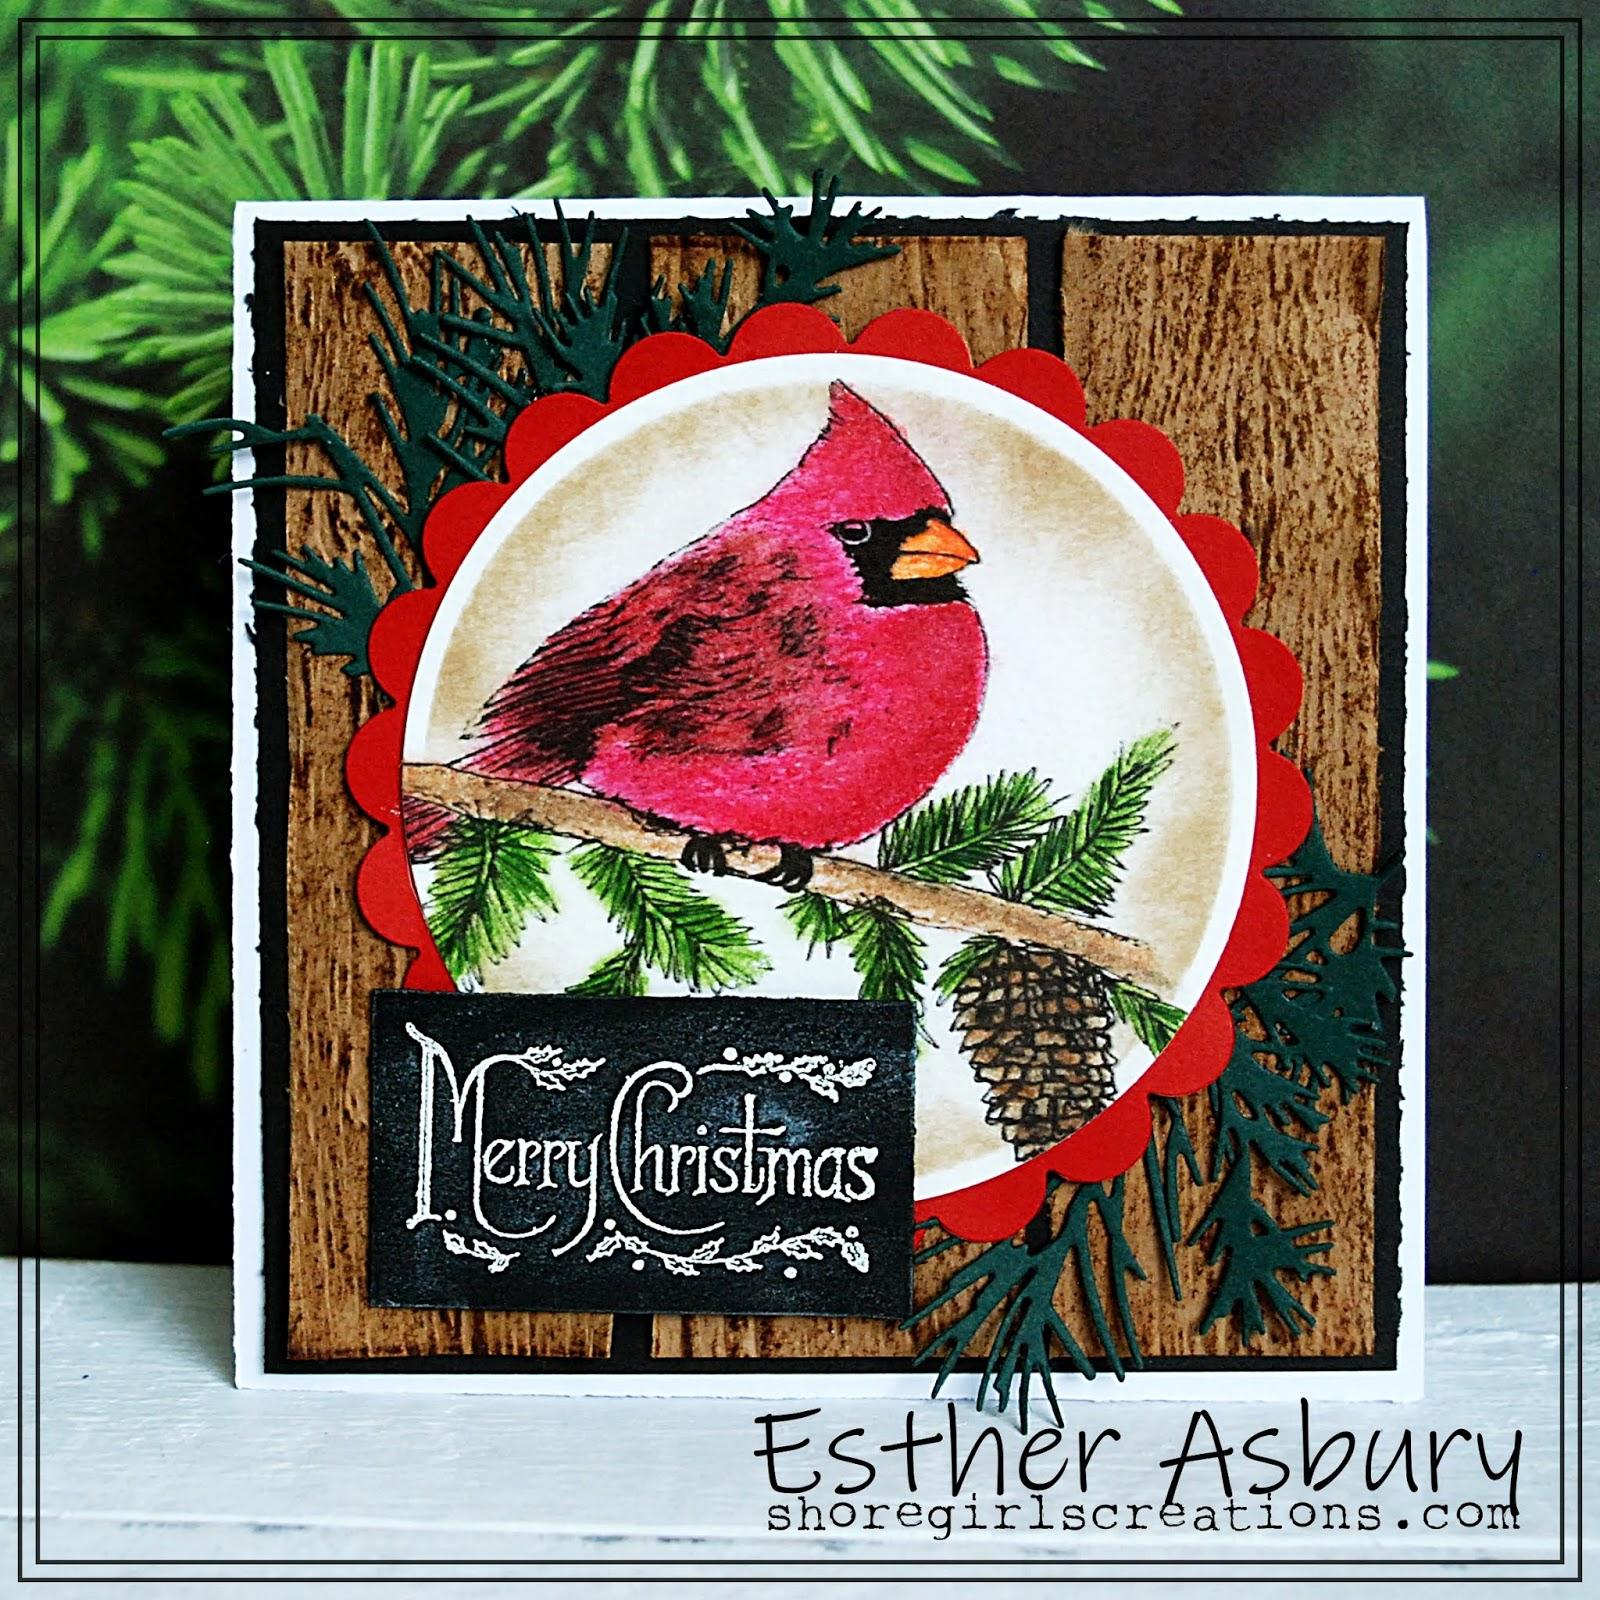 Merry Christmas In July Images.Shoregirl S Creations Merry Christmas In July